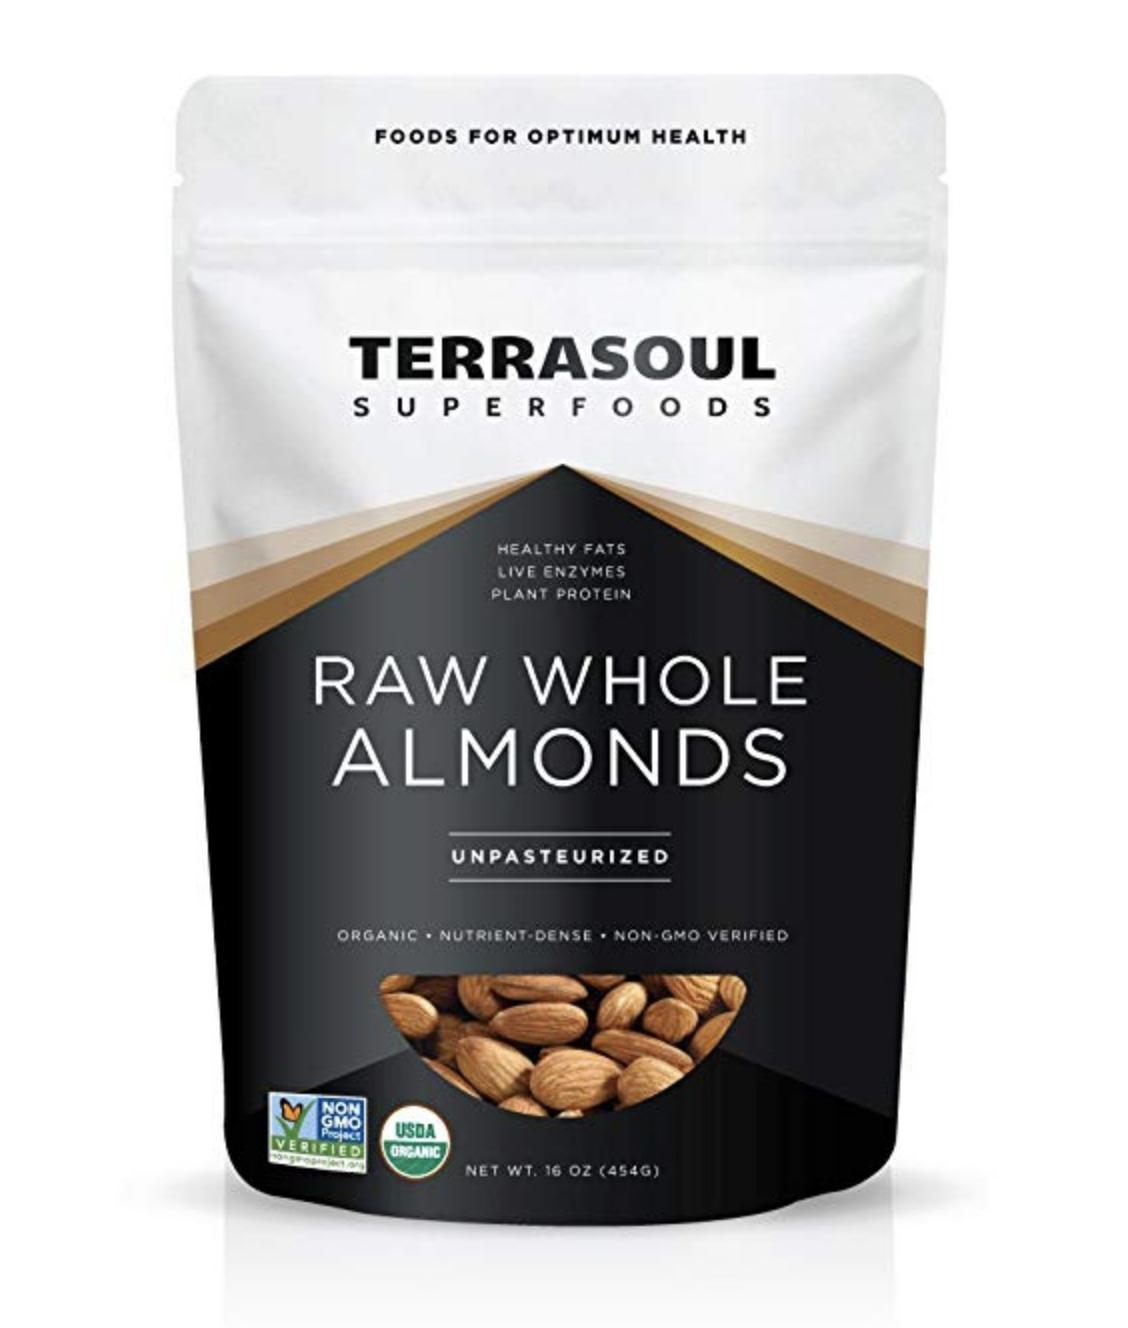 Terrasoul Almonds